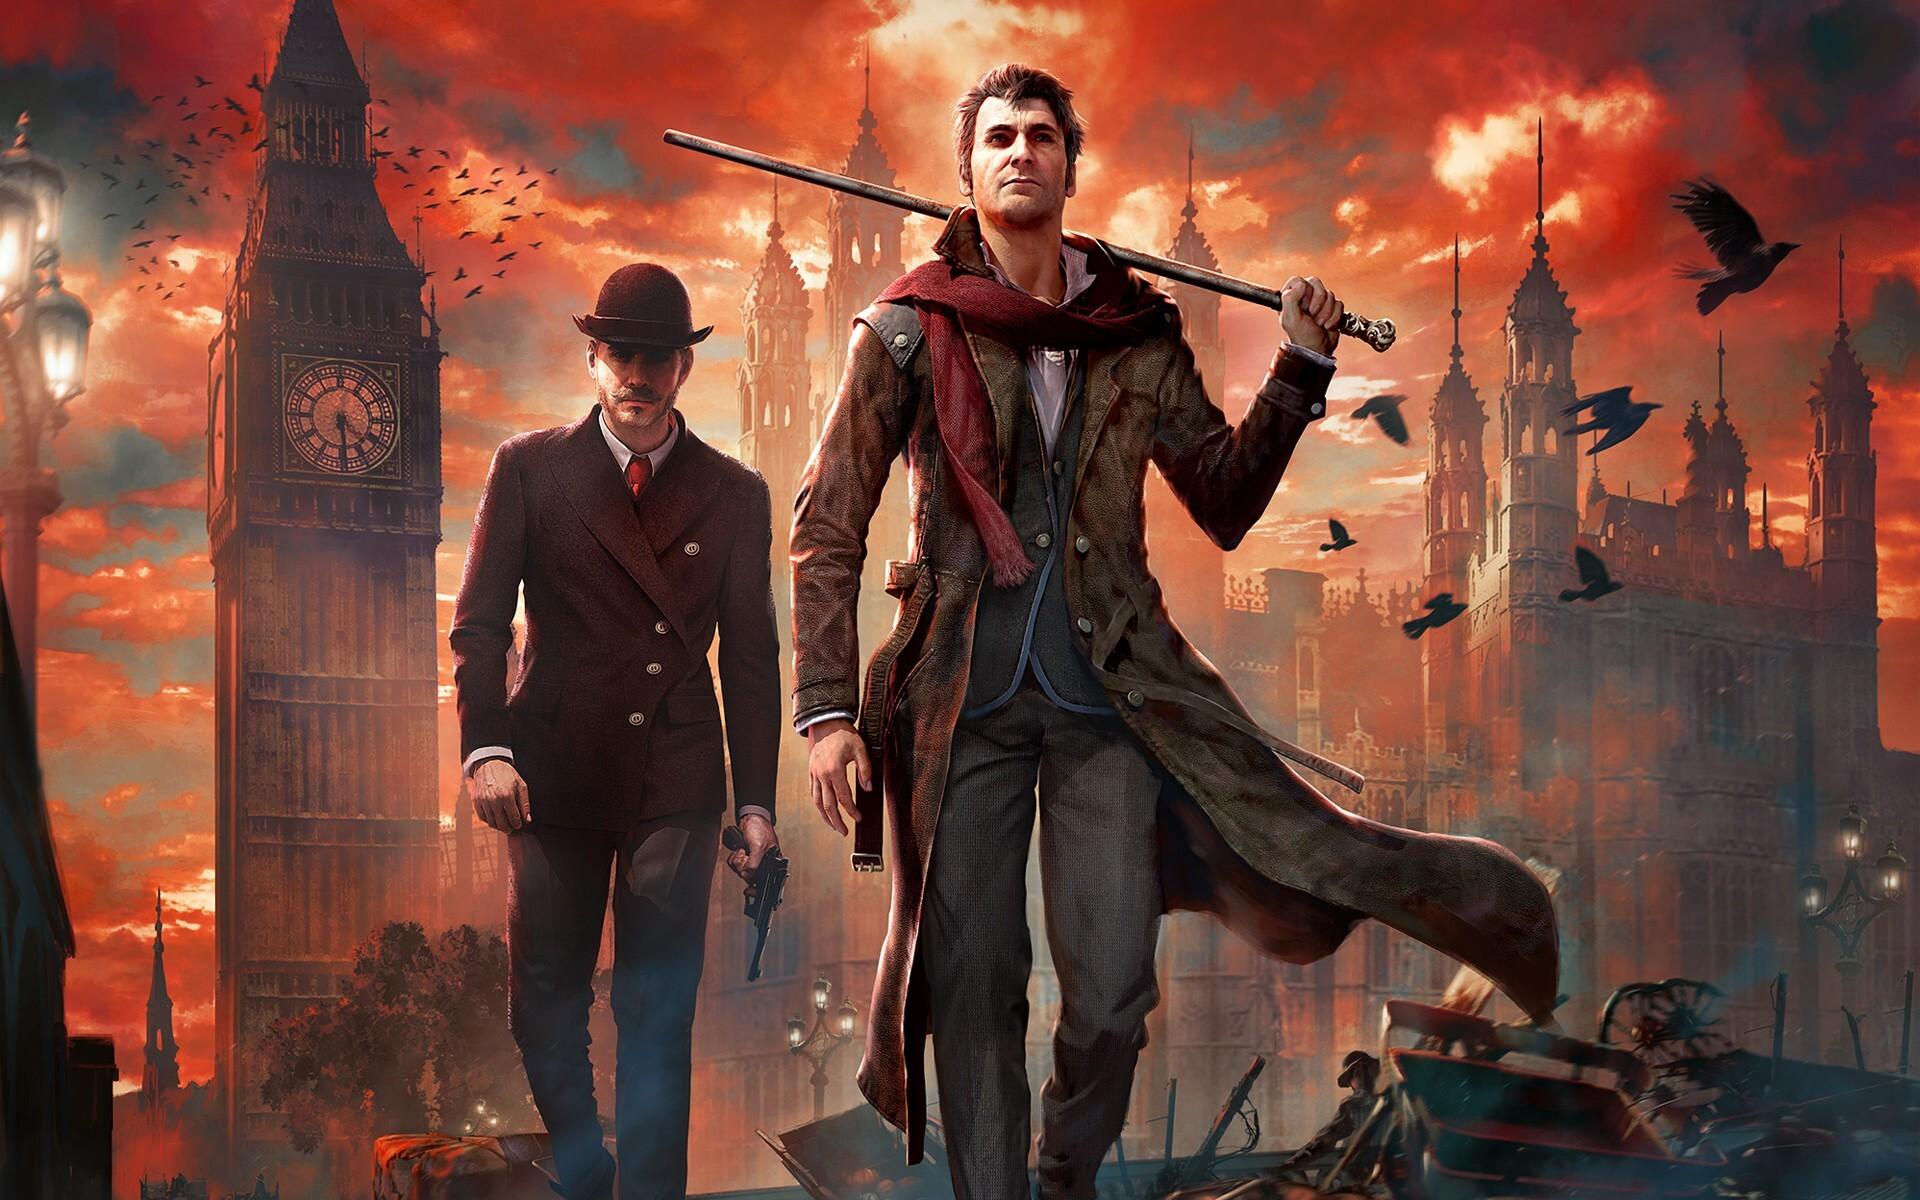 Игра про Шерлока Холмса продается с 90% скидкой